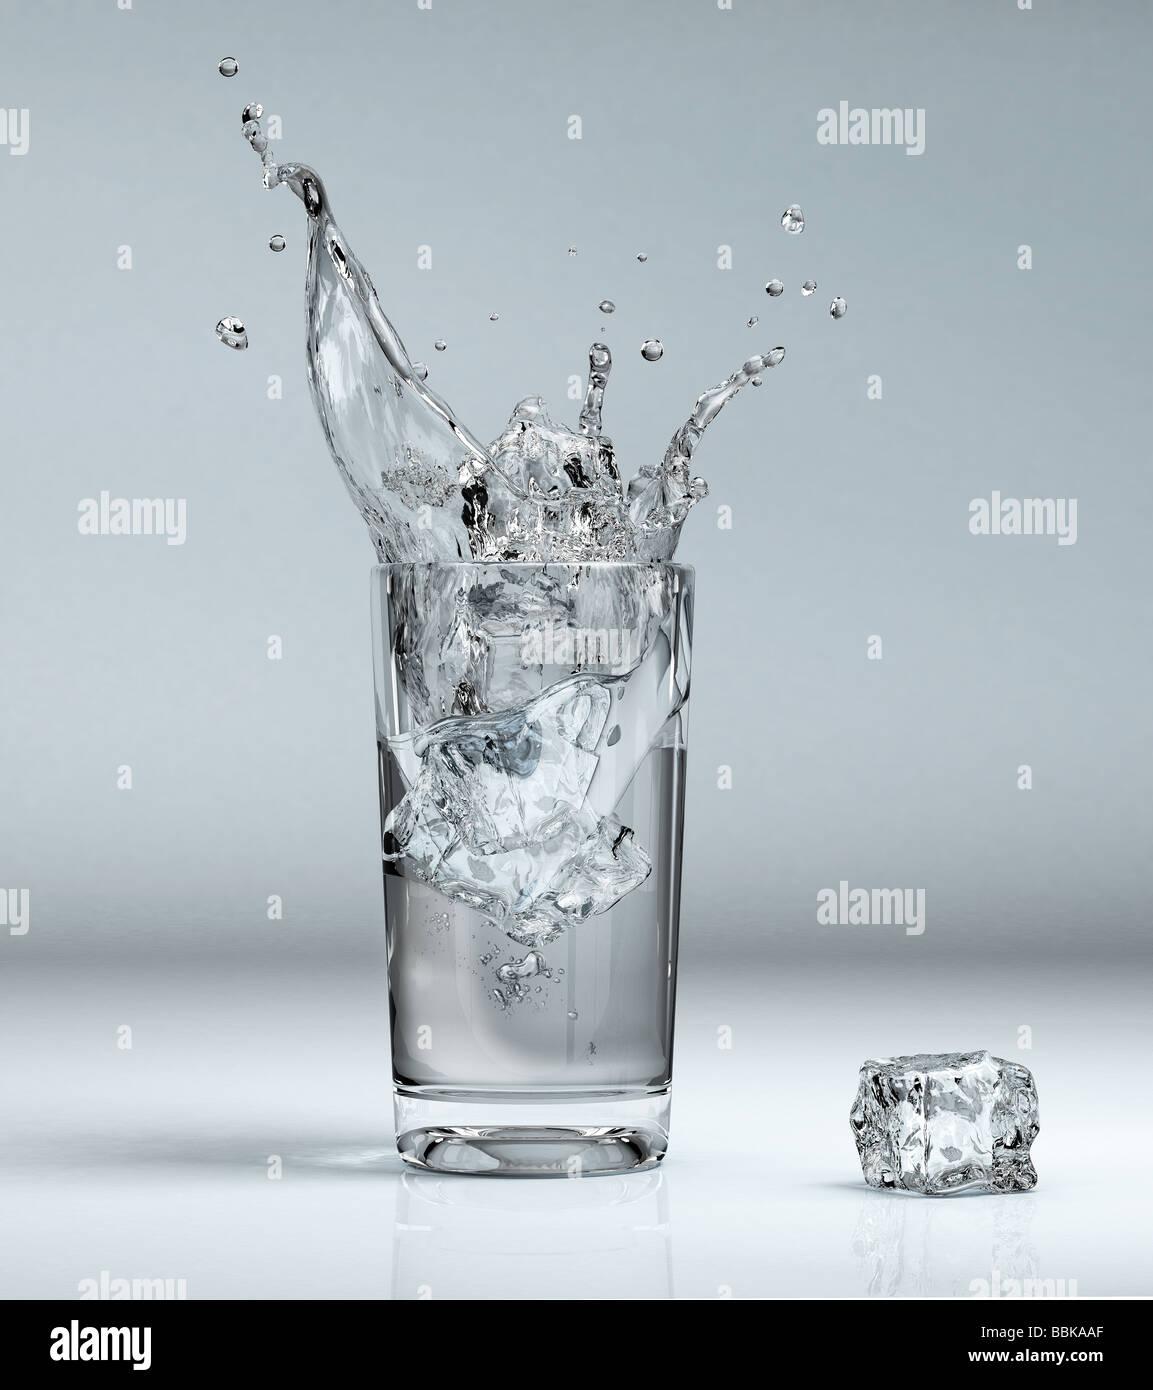 Il cubo di ghiaccio schizzi in un bicchiere pieno di acqua Immagini Stock